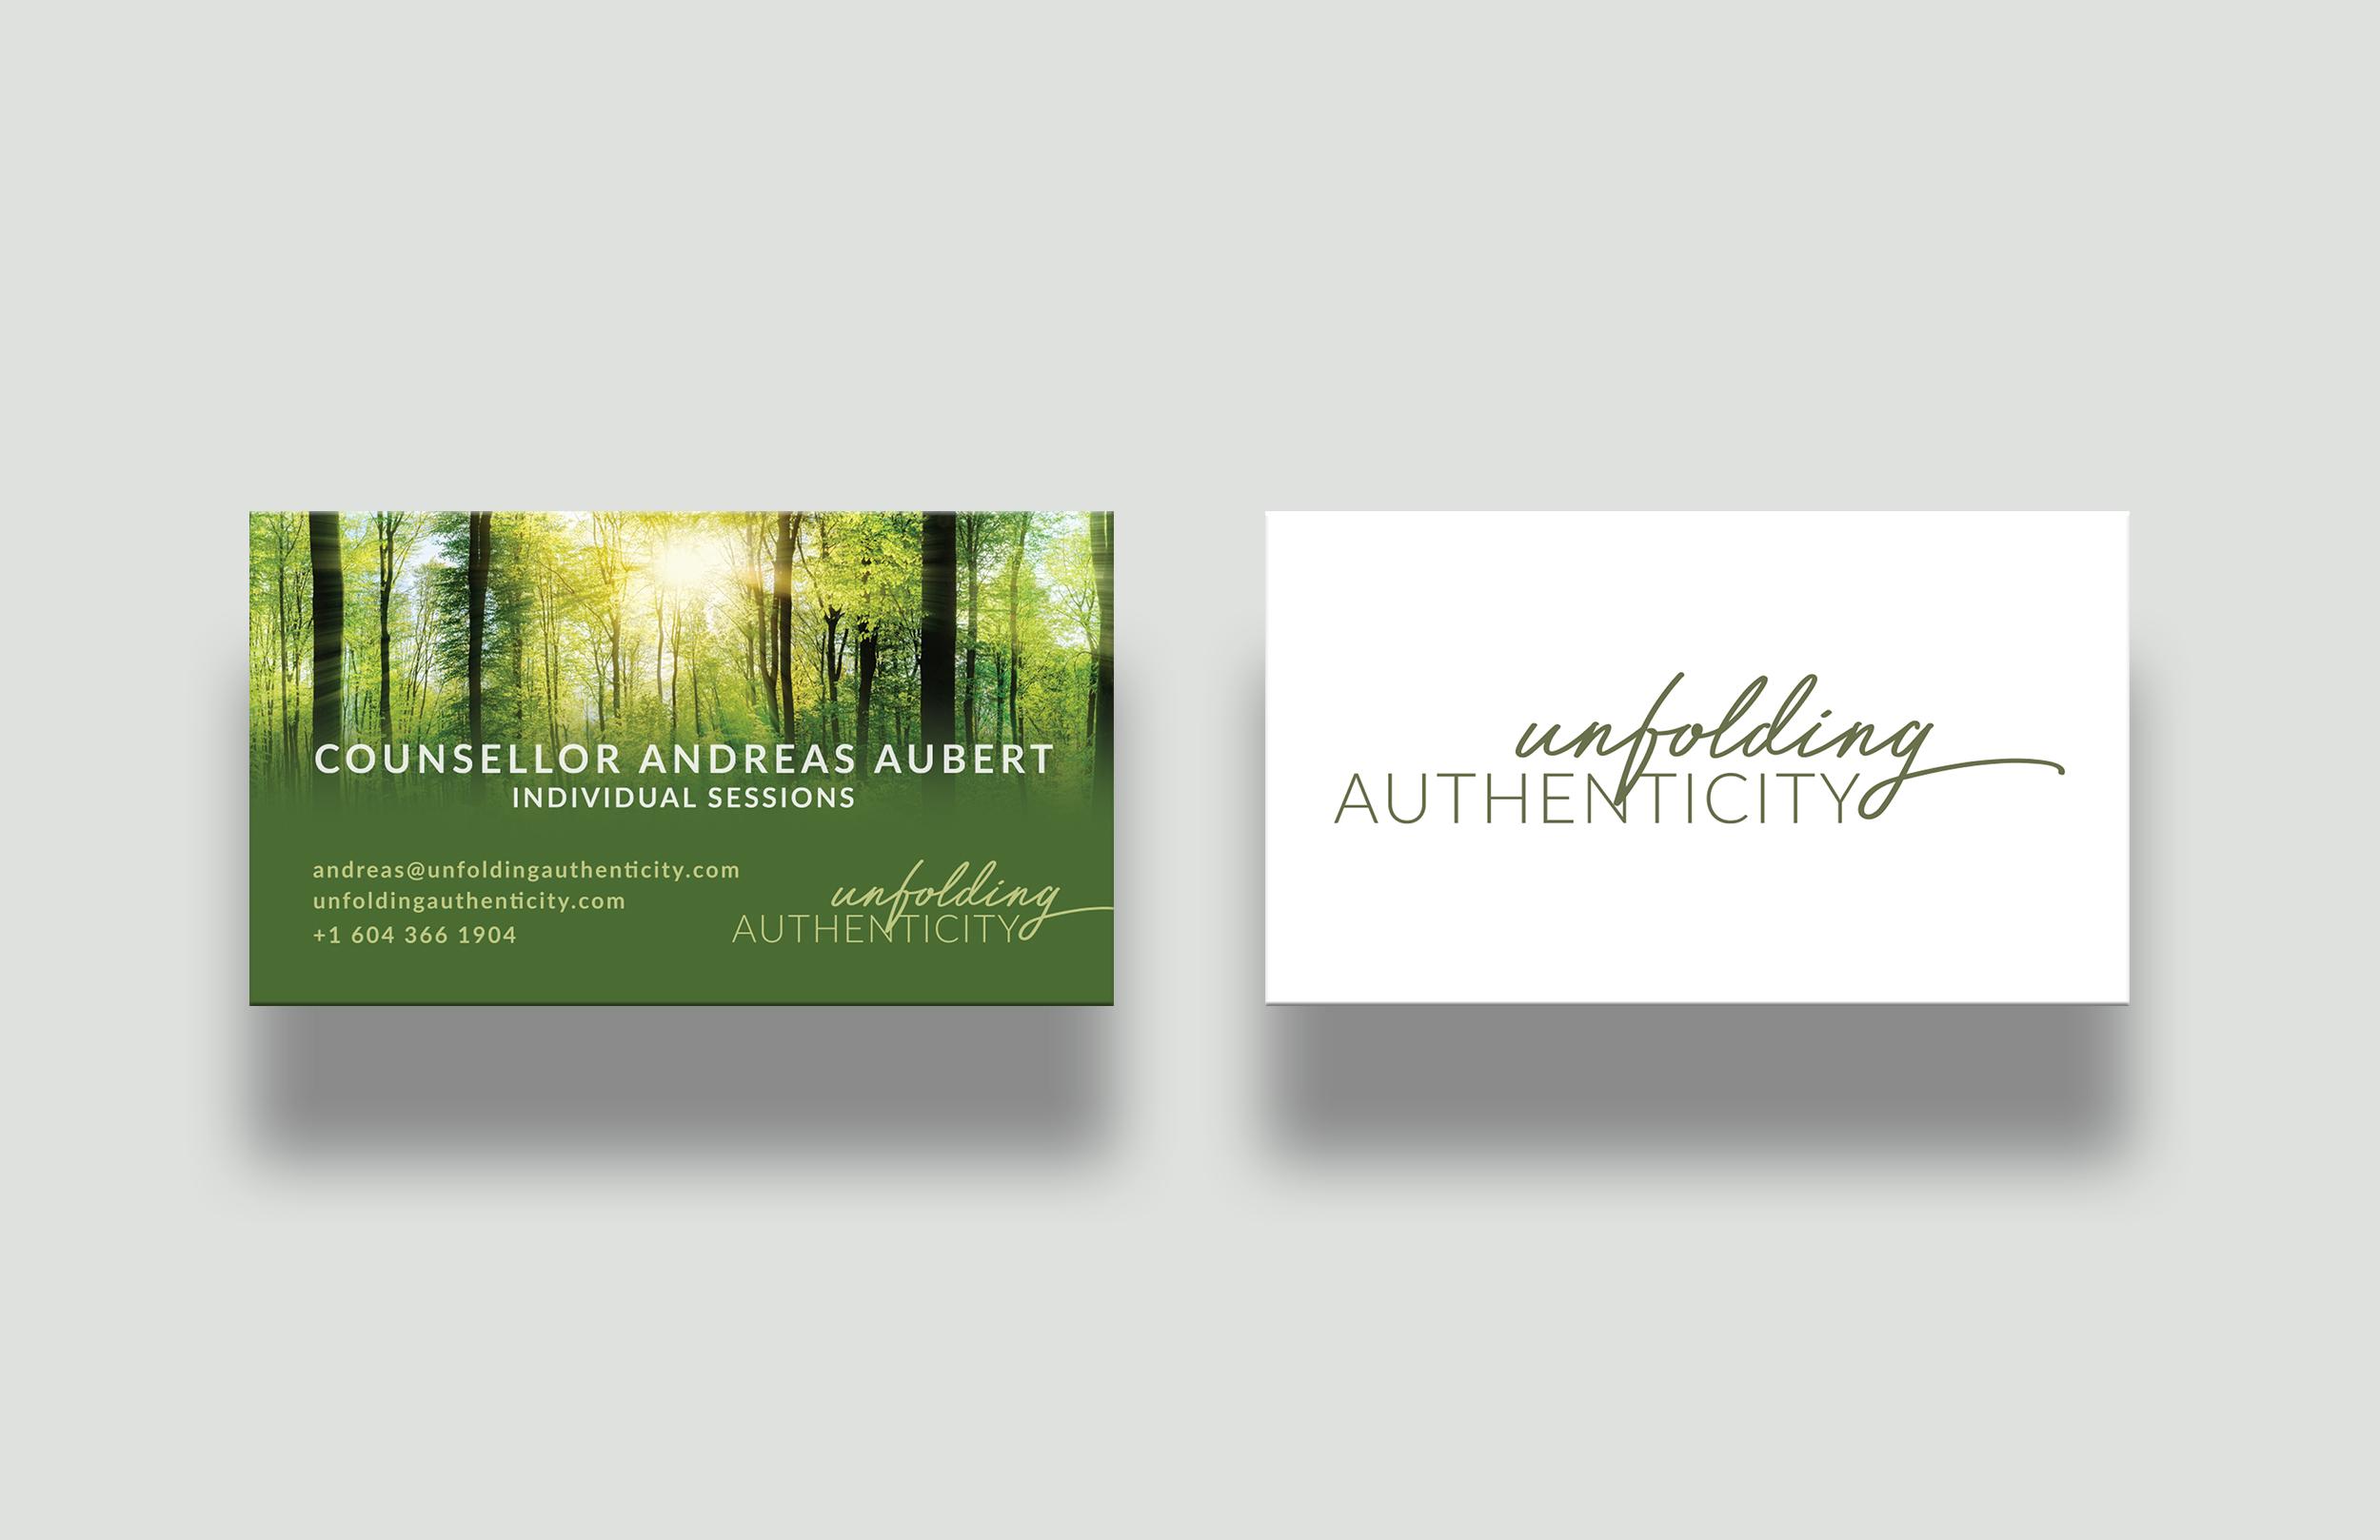 katelynbishop_design_unfoldingauthenticity_businesscards1